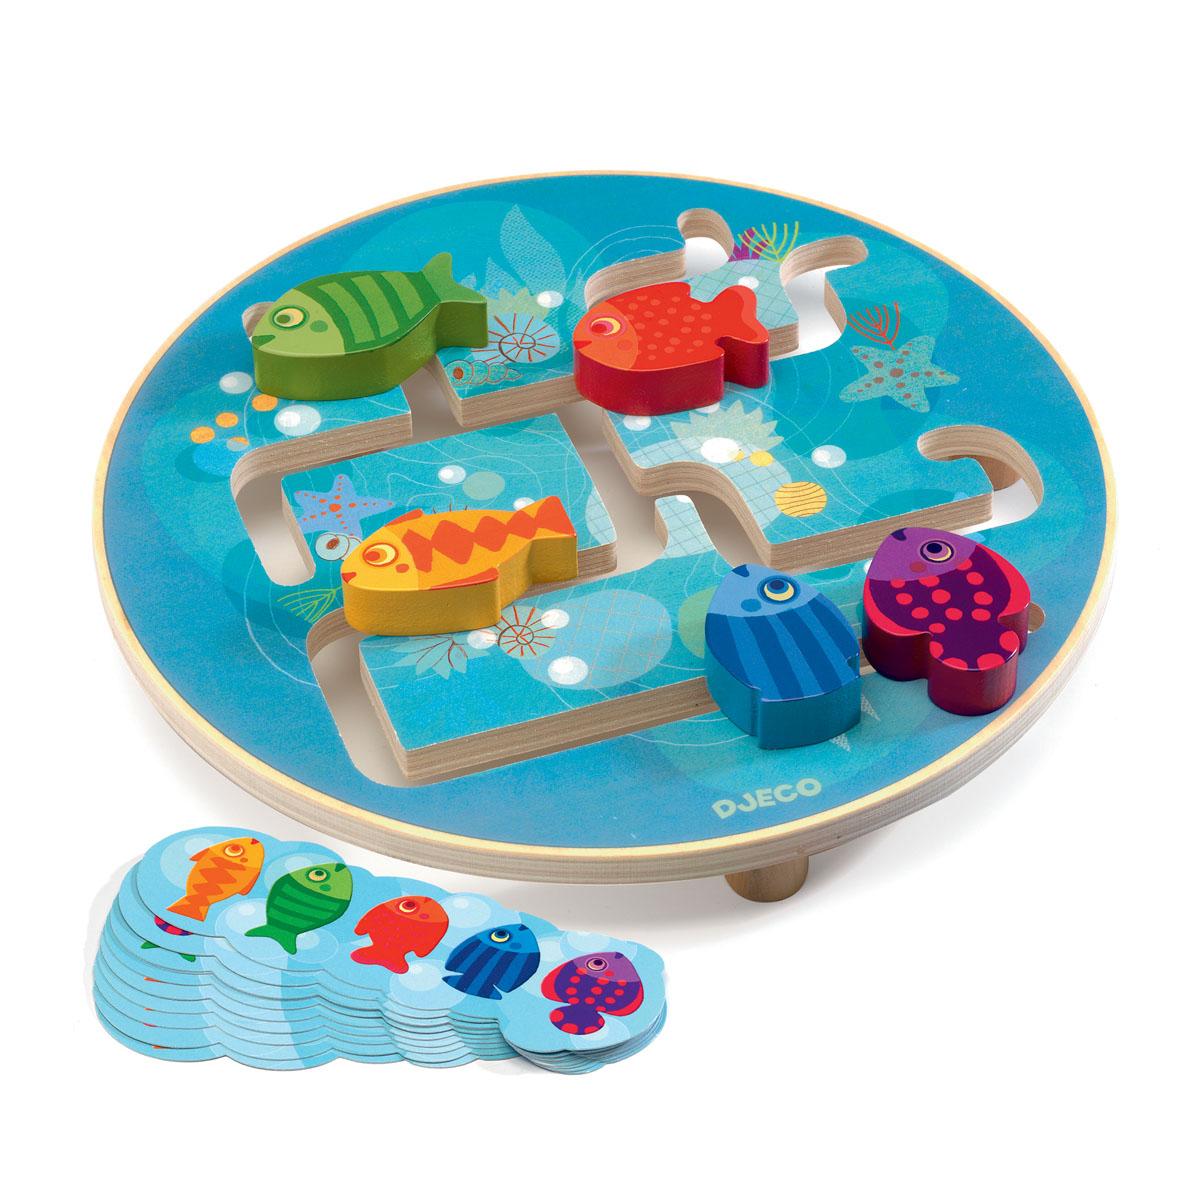 Djeco Развивающая игрушка Головоломка Рыбки развивающая игрушка djeco зверюшки попрыгунчики пастель 06105